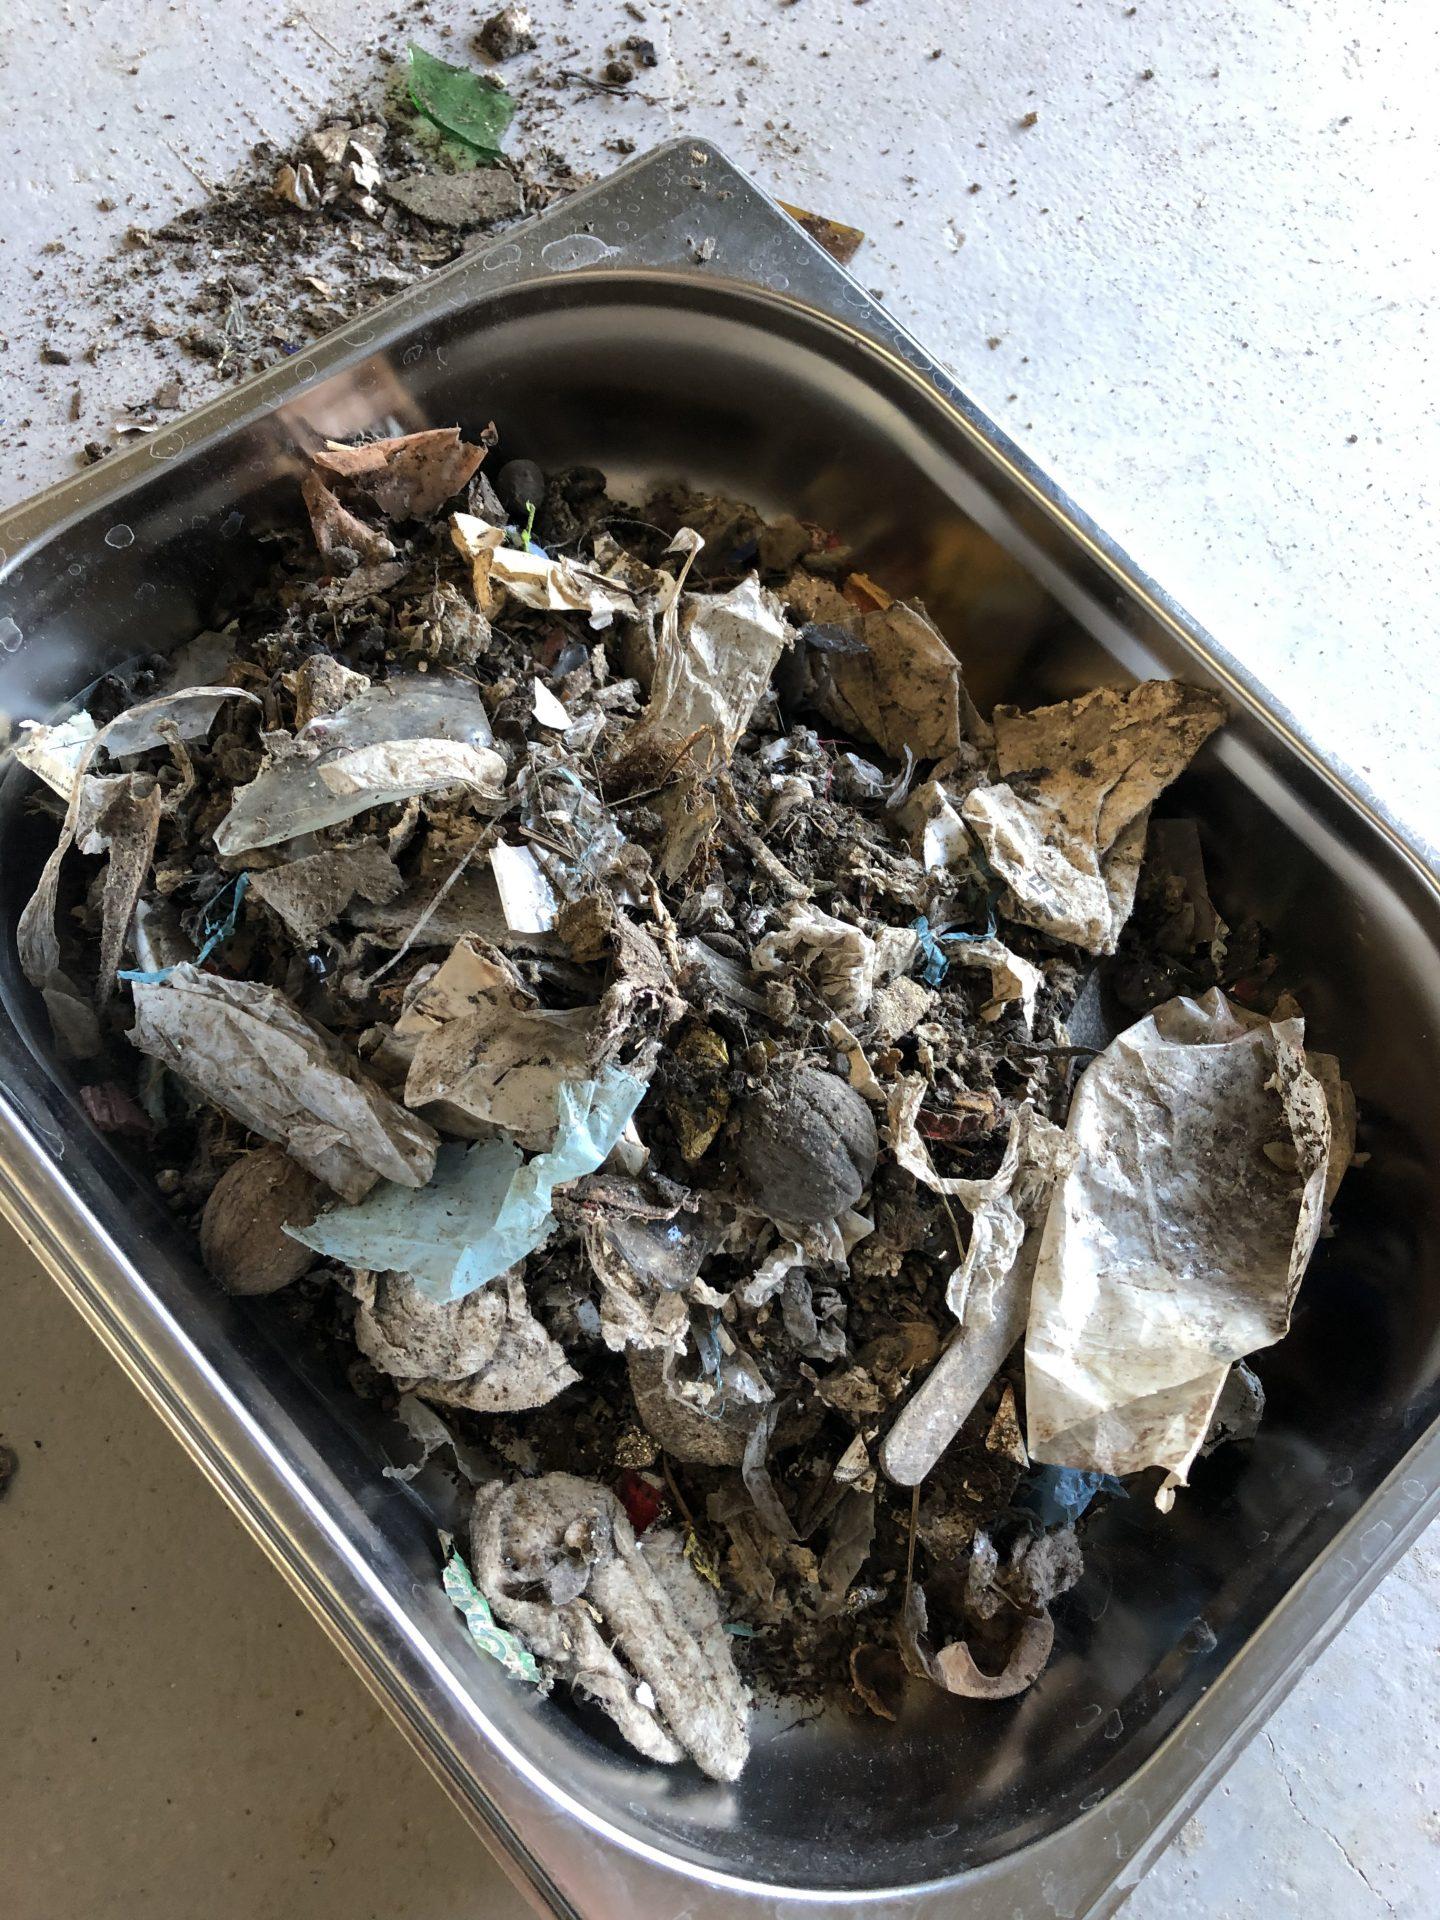 Próbka odpadów przed mieleniem